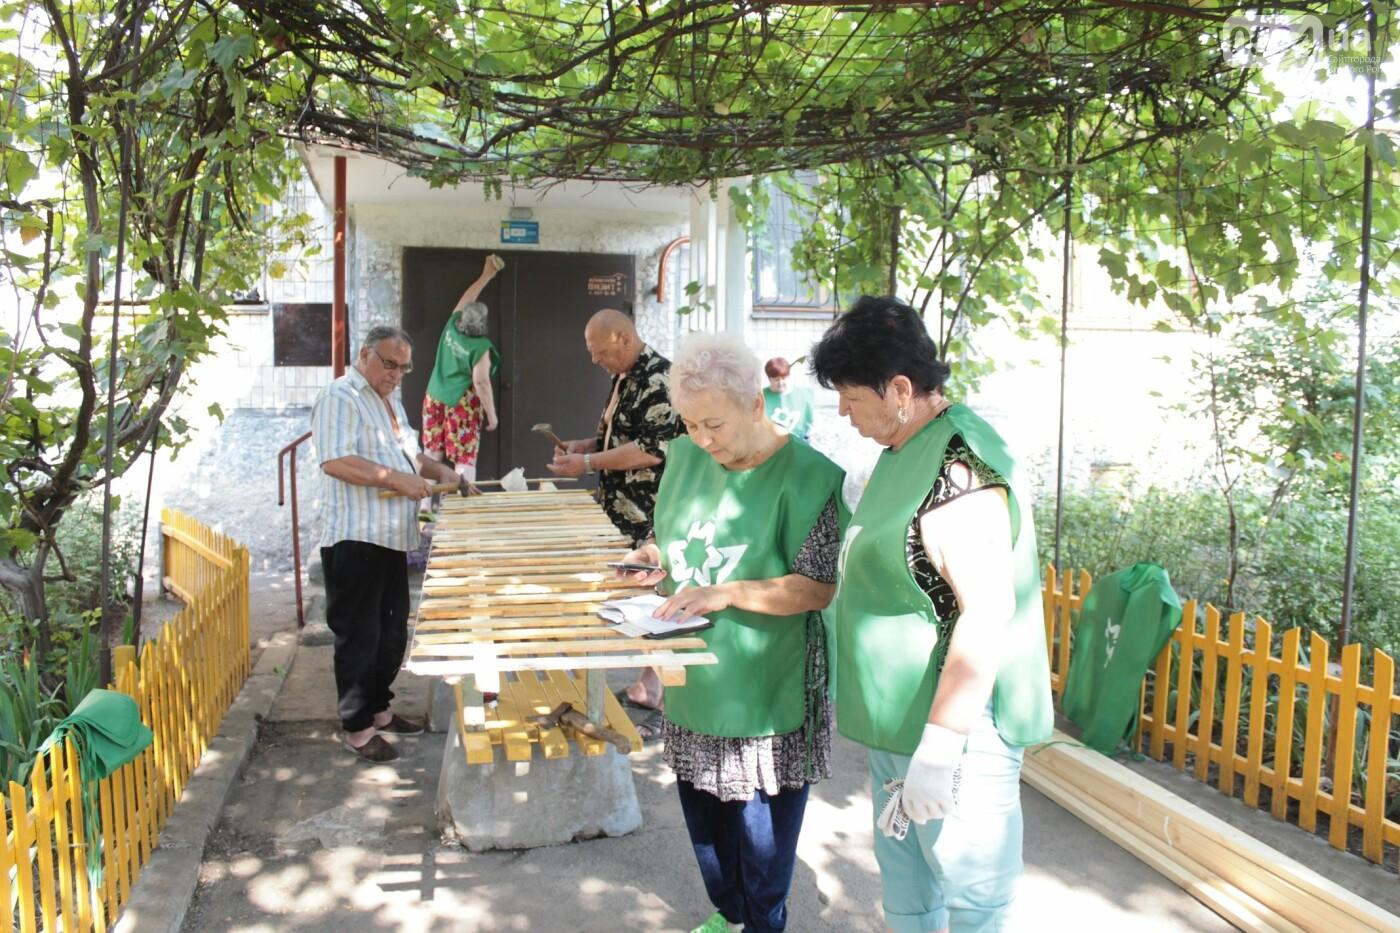 Криворожан приглашают принять участие в конкурсе благоустройства «Сто дворов», фото-1